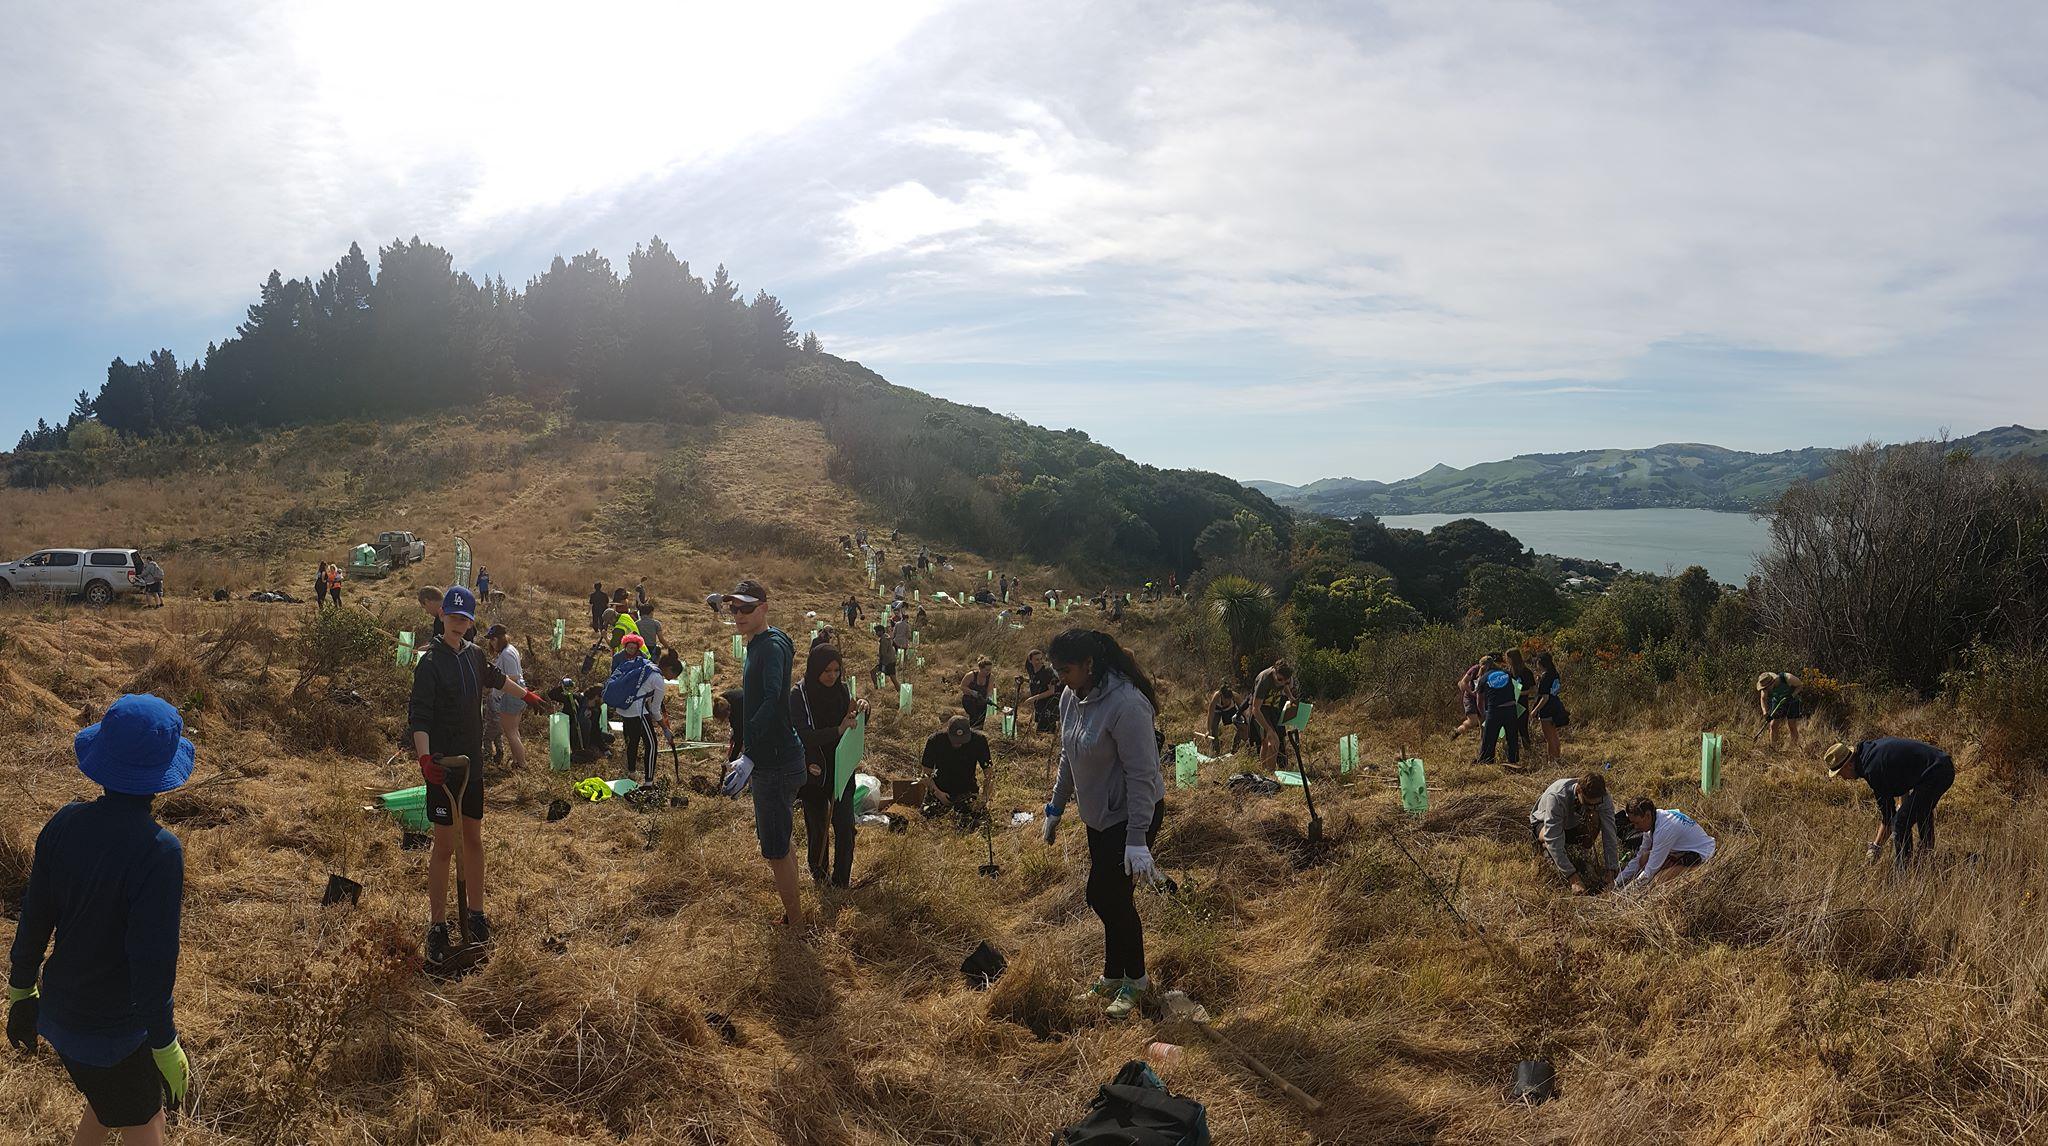 Otago International Blog | The University of Otago